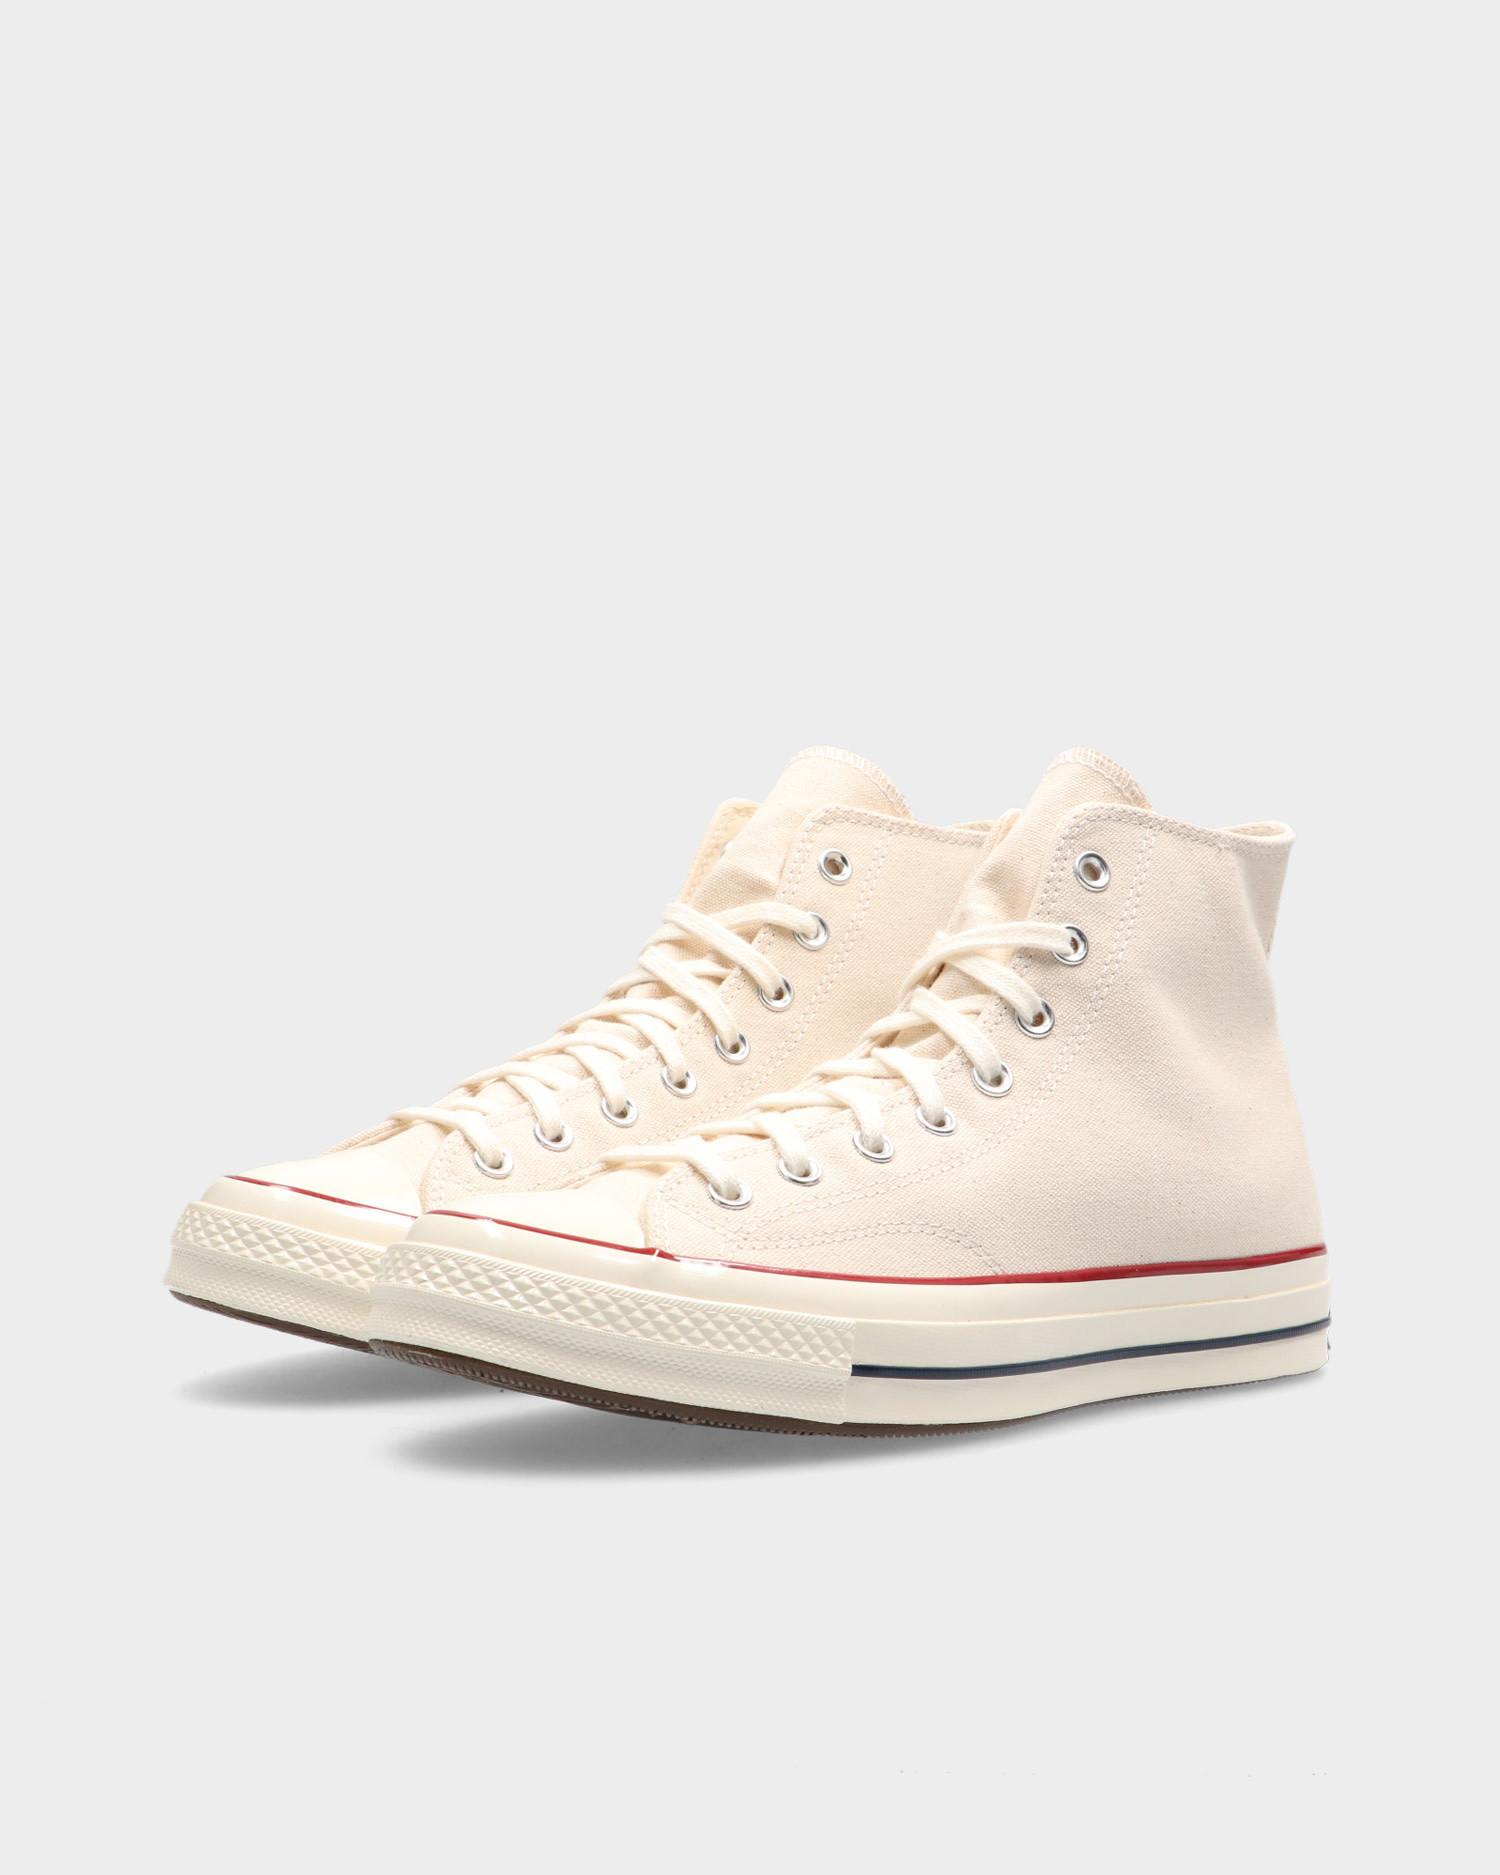 Converse Chuck 70 Hi Parchment/Garnet/Egret